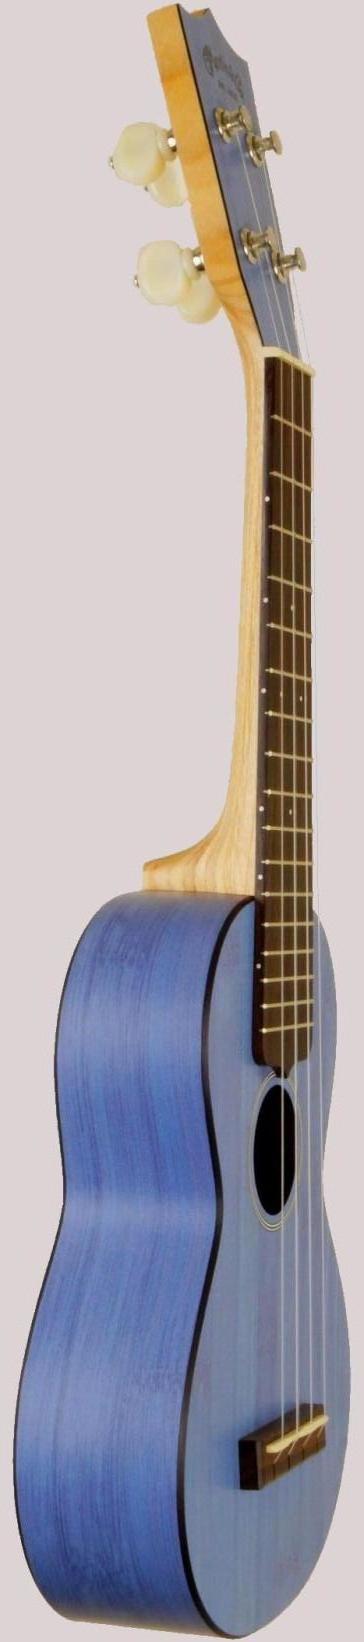 Martin laminate bamboo soprano ukulele